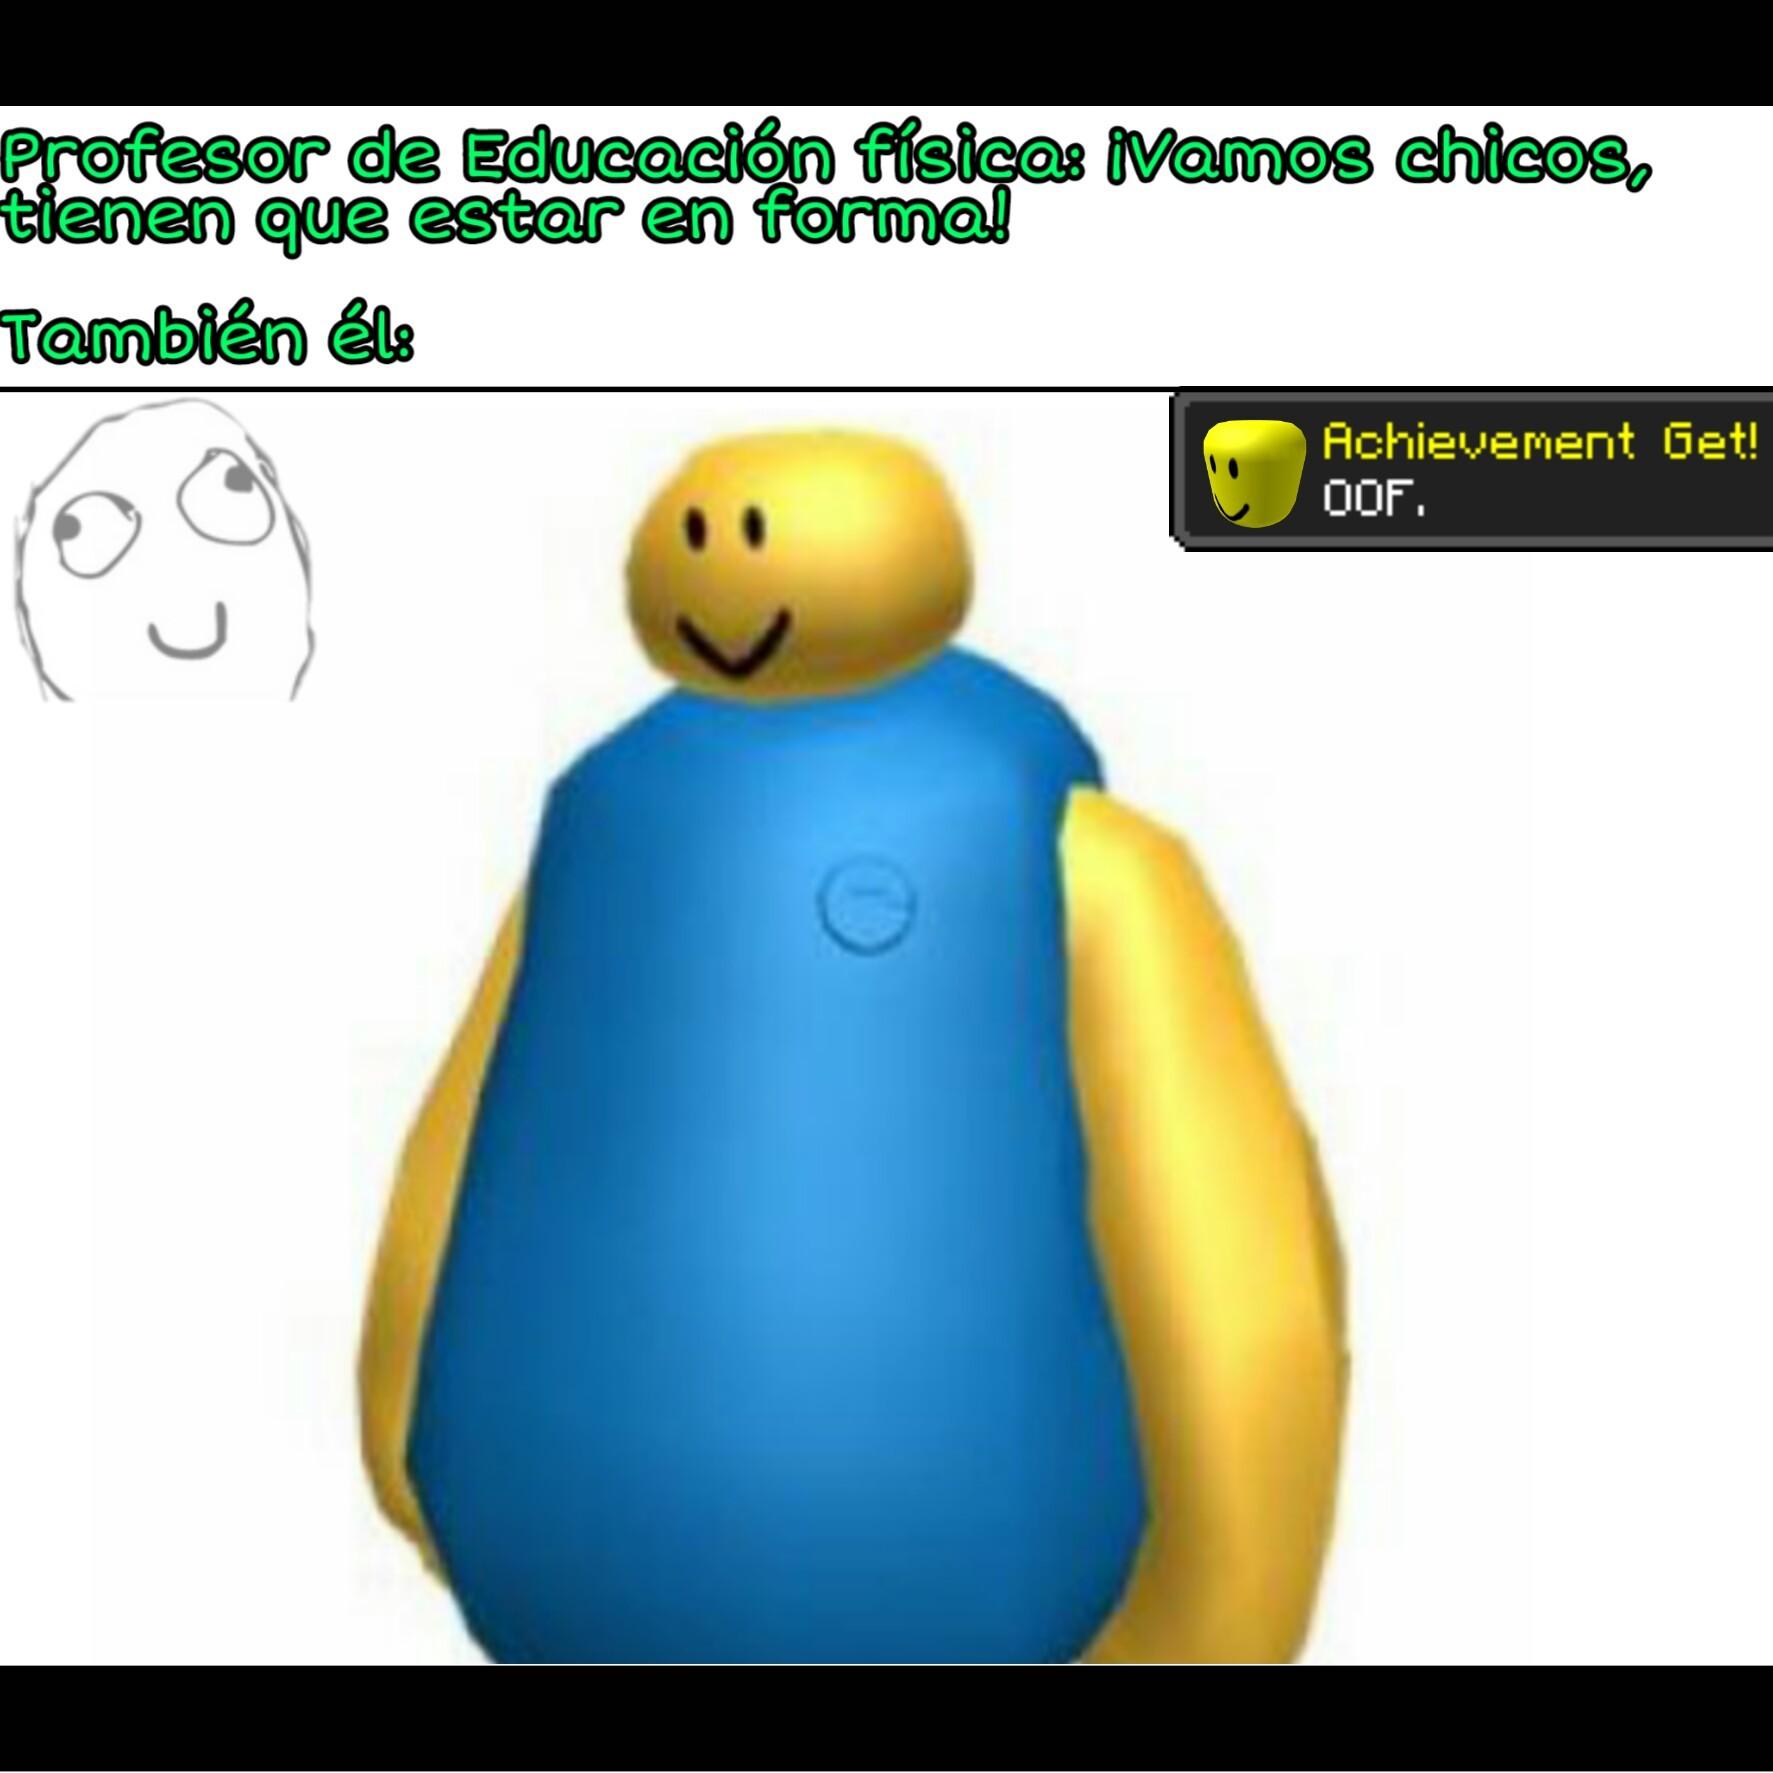 OOF gordo - meme